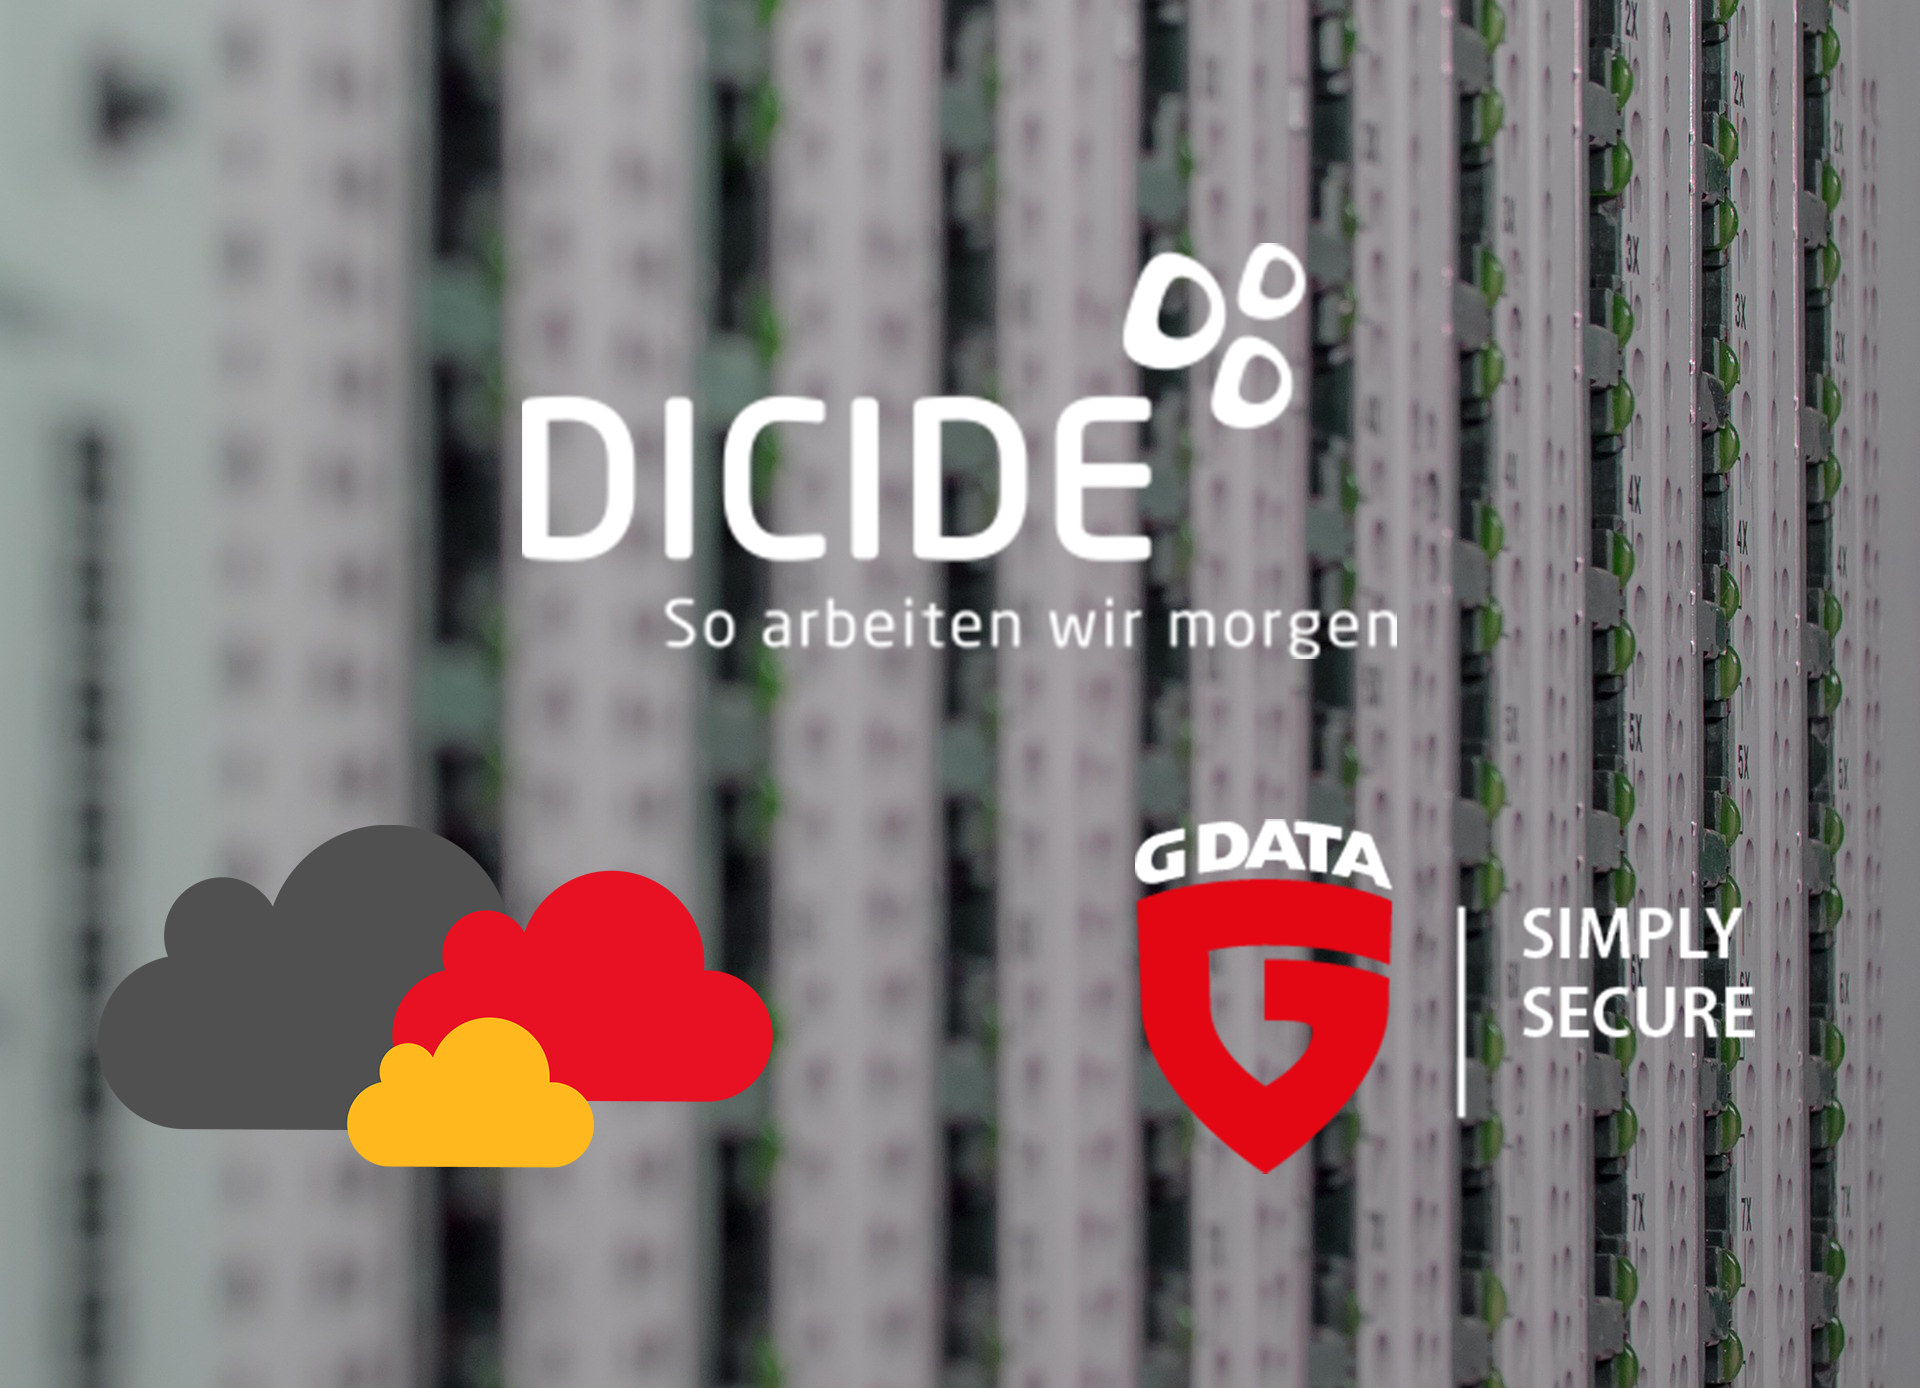 Doppelt sicher – G DATA und Dicide starten gemeinsame Kooperation